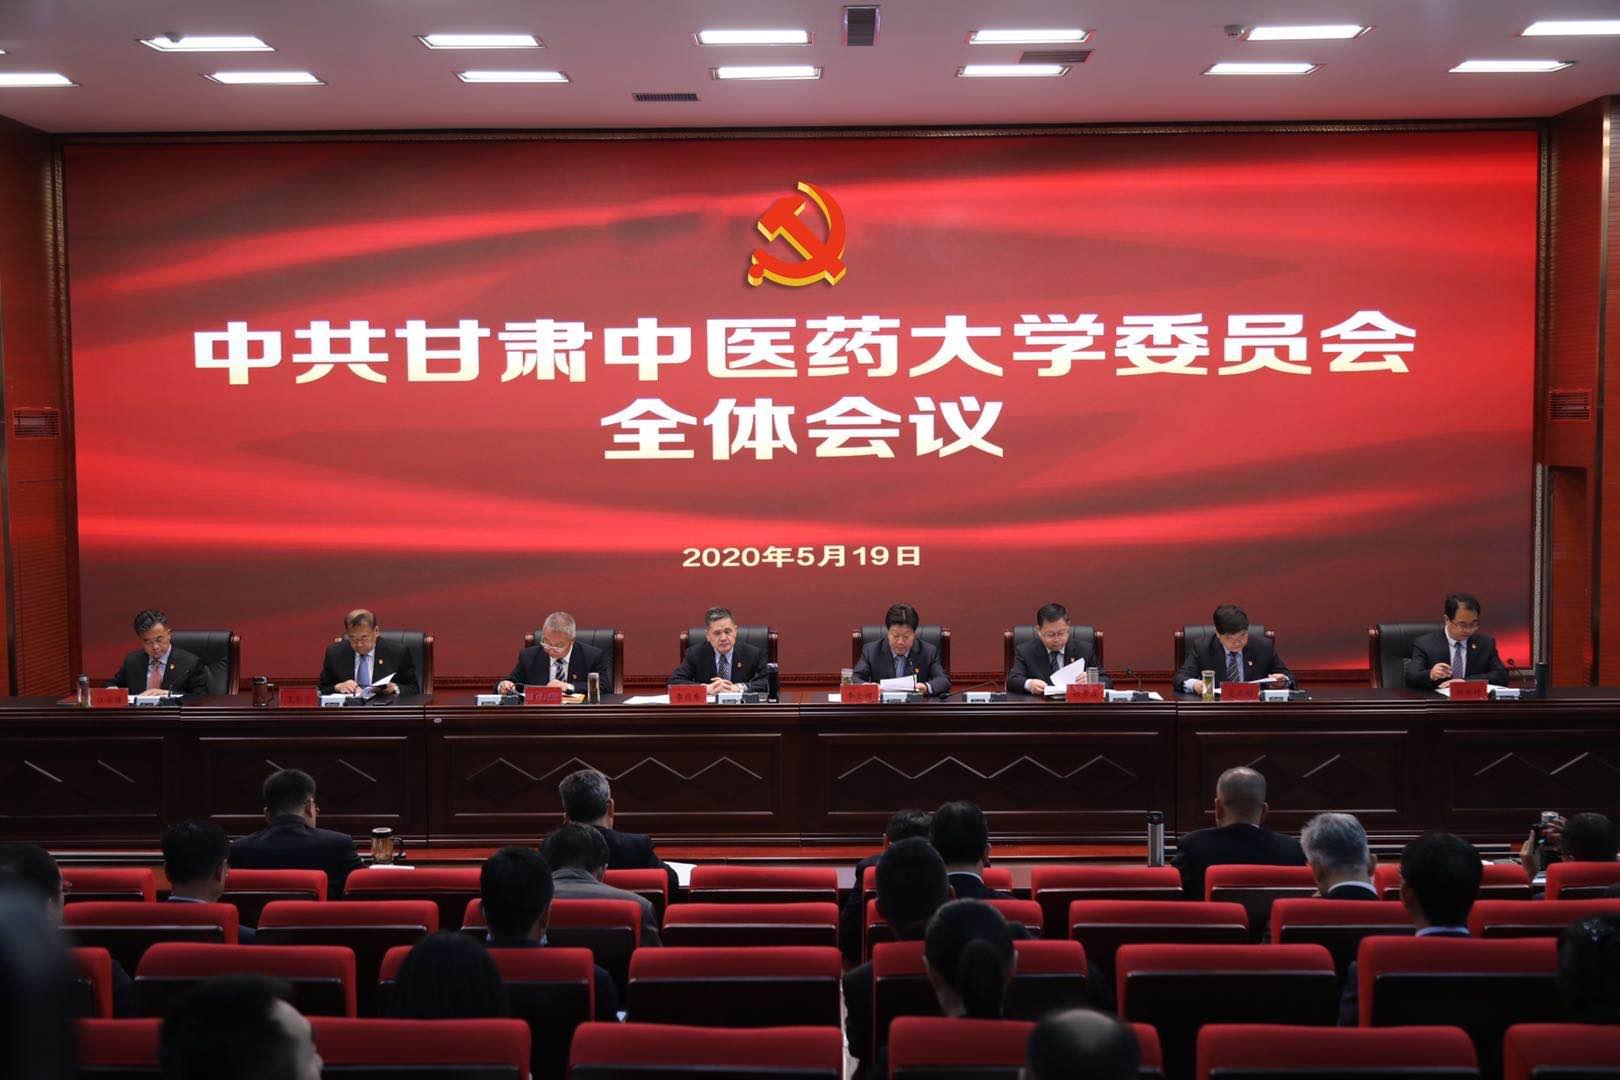 中共甘肃中医药大学委员会全体会议召开